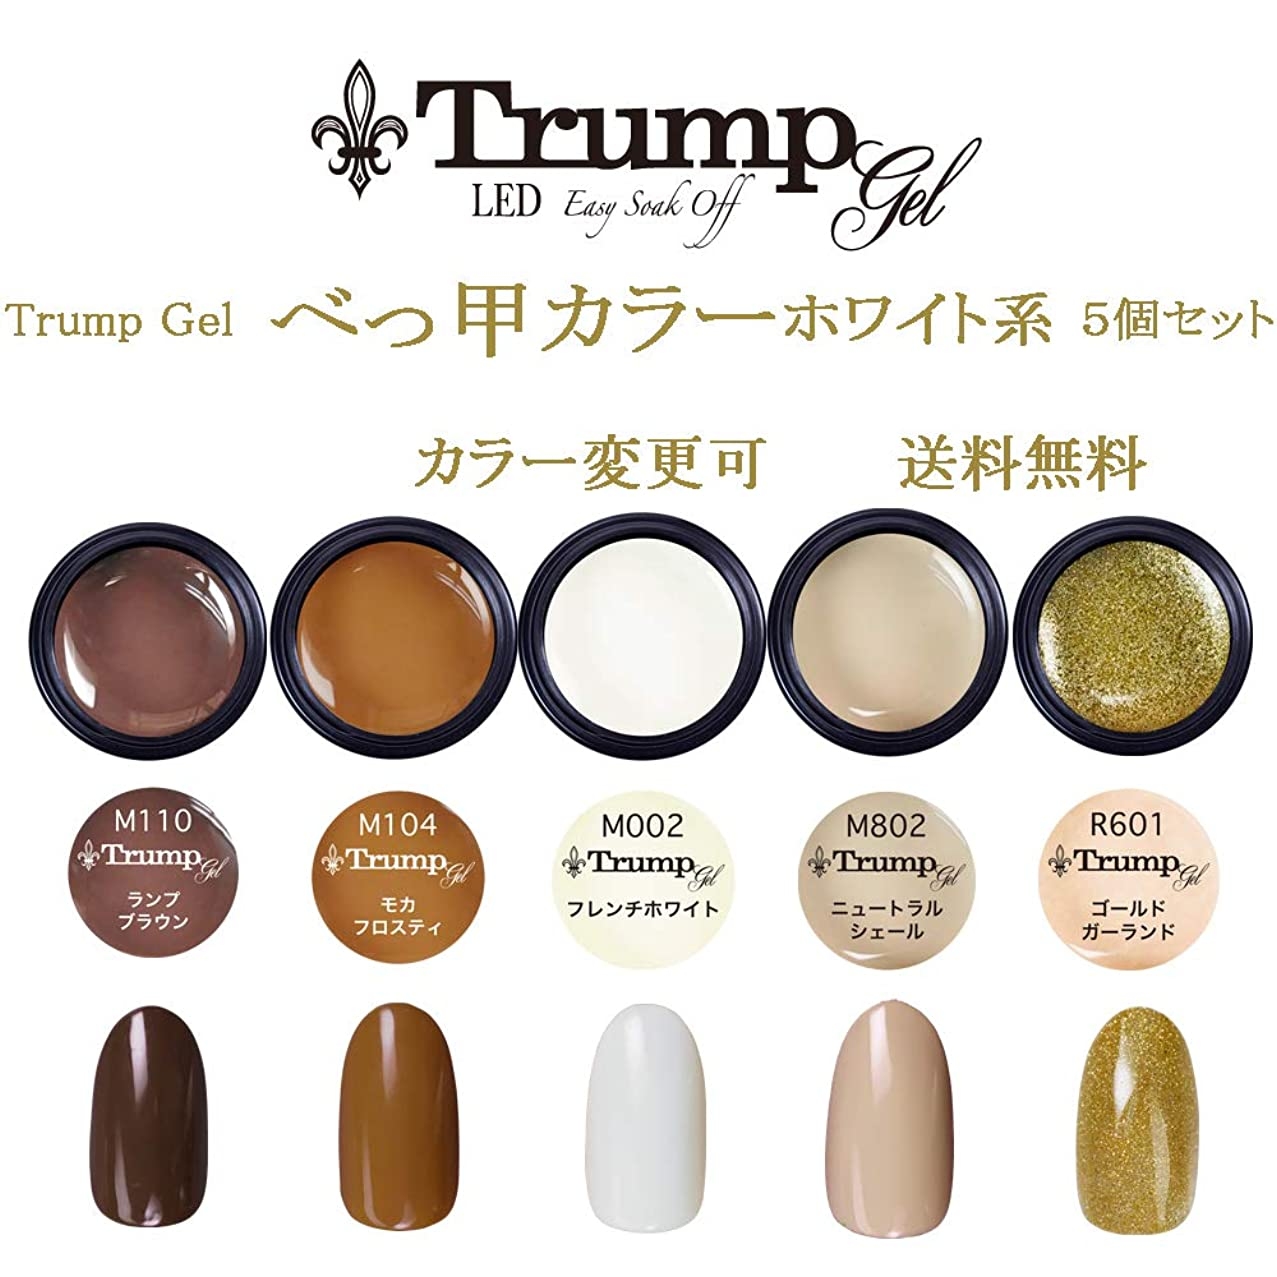 突然見せます保育園【送料無料】日本製 Trump gel トランプジェル べっ甲カラー ホワイト系 選べる カラージェル 5個セット べっ甲ネイル ベージュ ブラウン ホワイト ラメ カラー